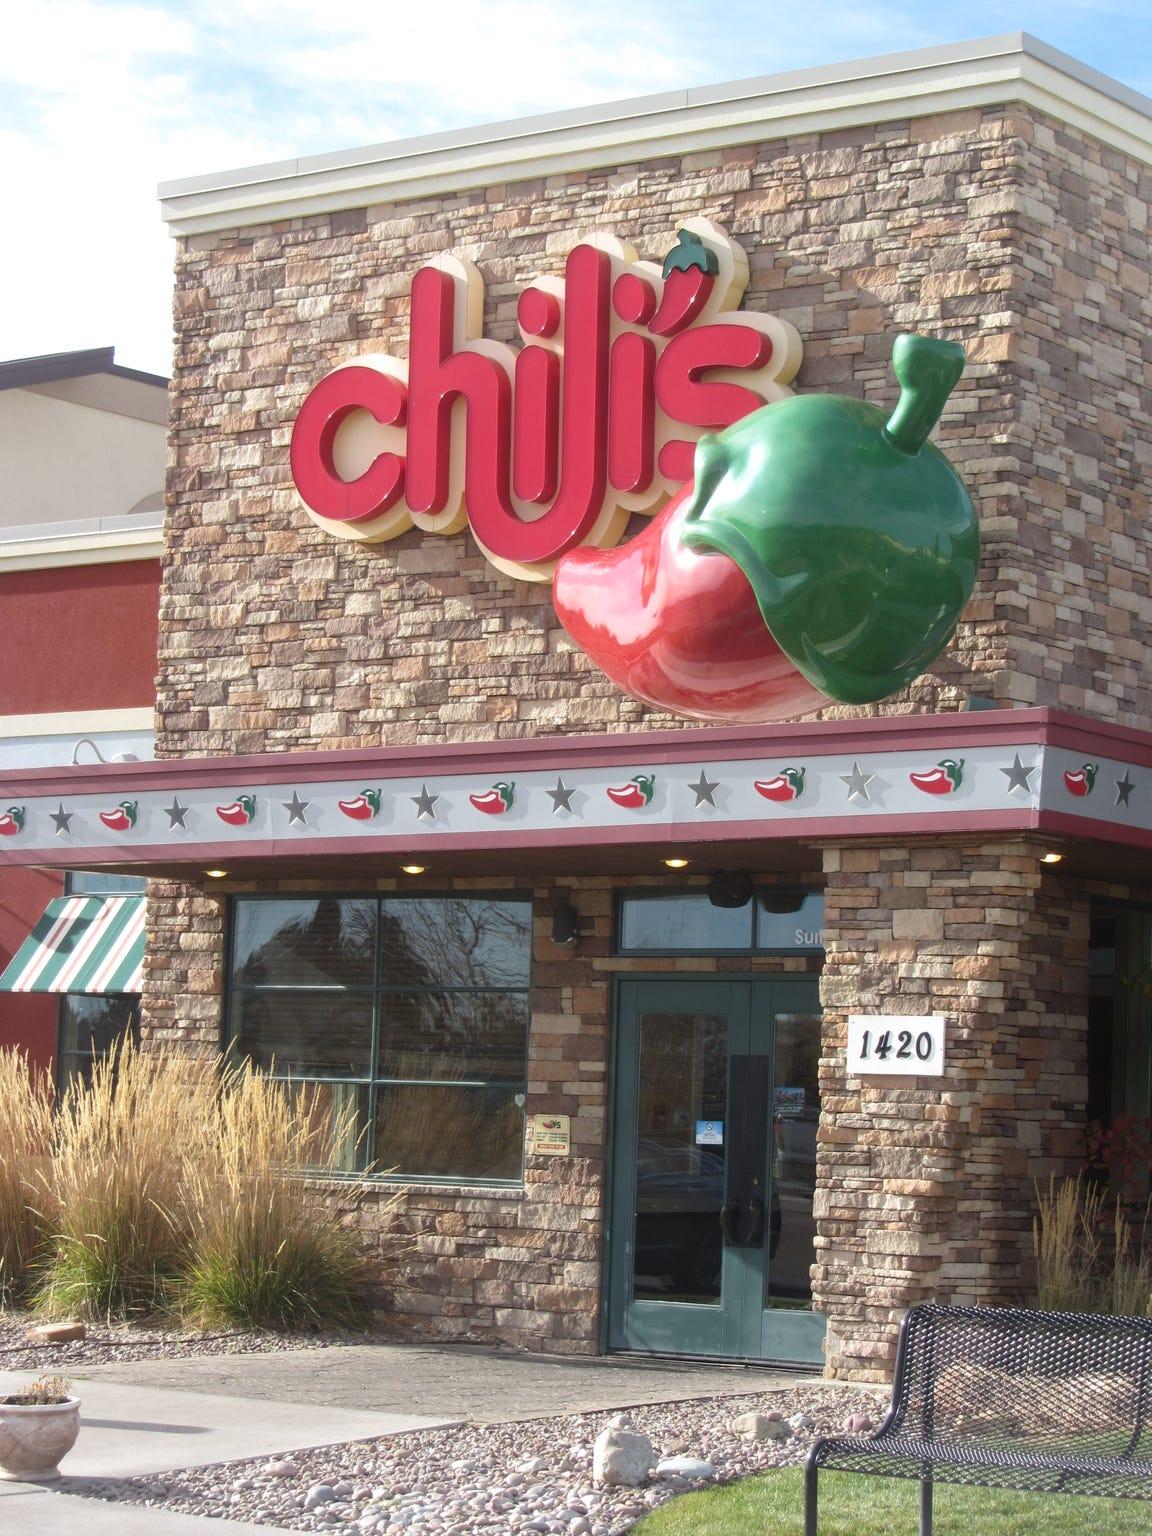 Shoot the Moon opened Chili's restaurants in Montana, Idaho and Washington.